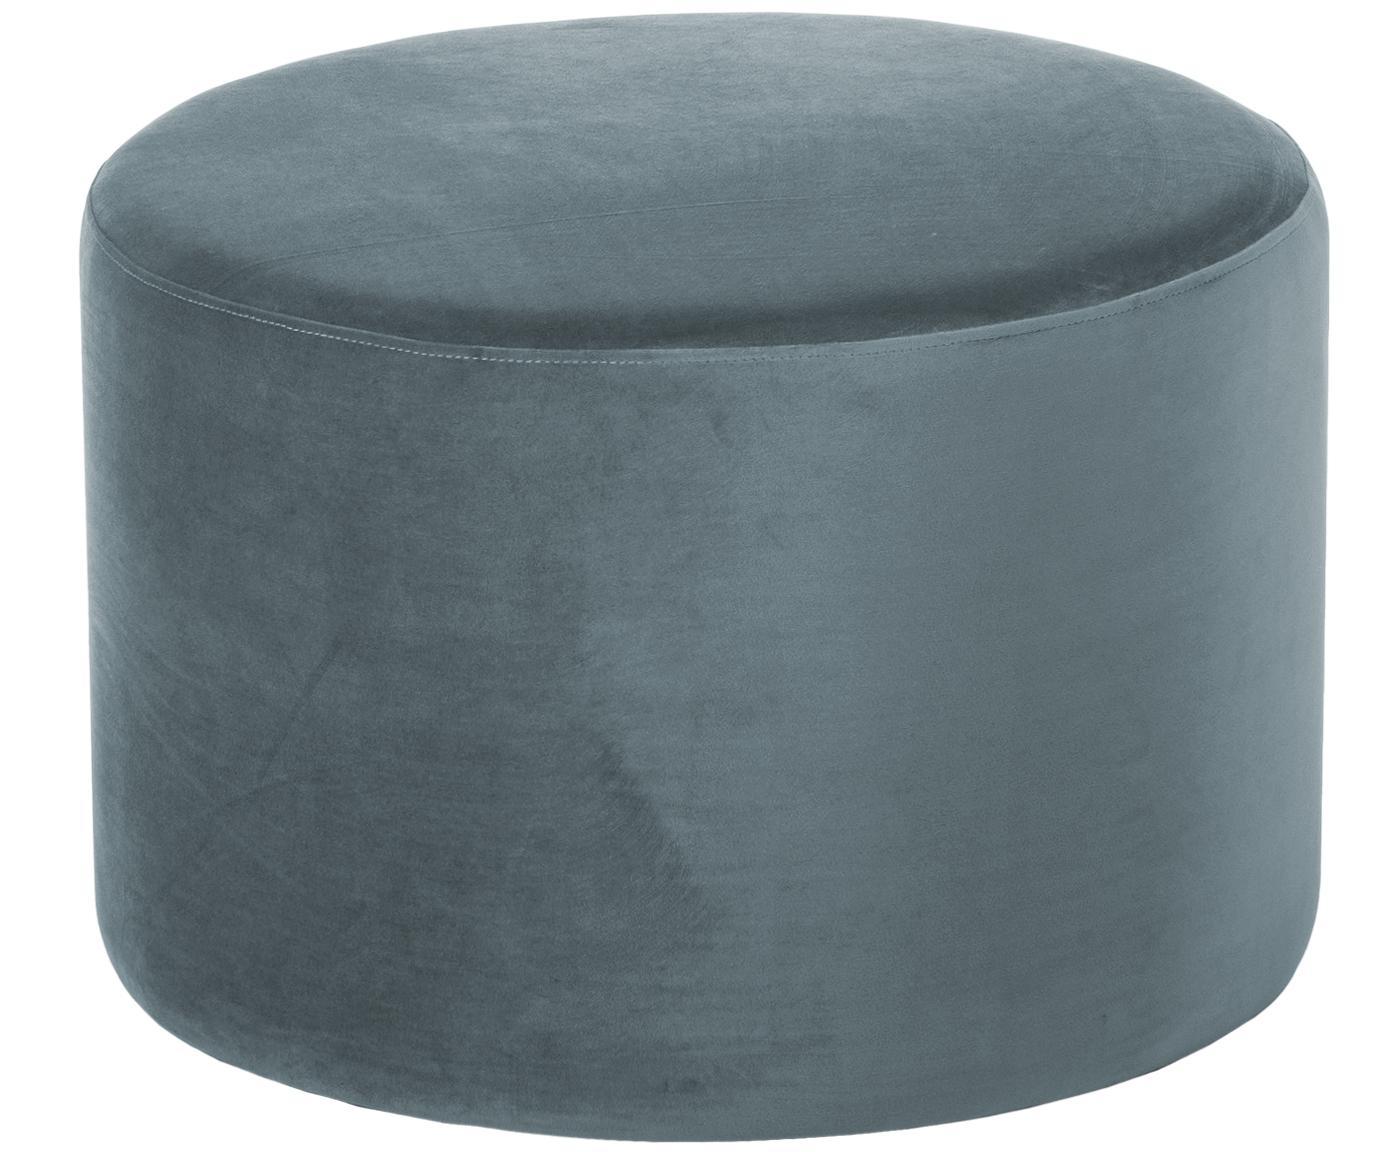 Samt-Hocker Daisy, Bezug: Samt (Polyester) 15.000 S, Rahmen: Mitteldichte Holzfaserpla, Graublau, Ø 60 x H 41 cm